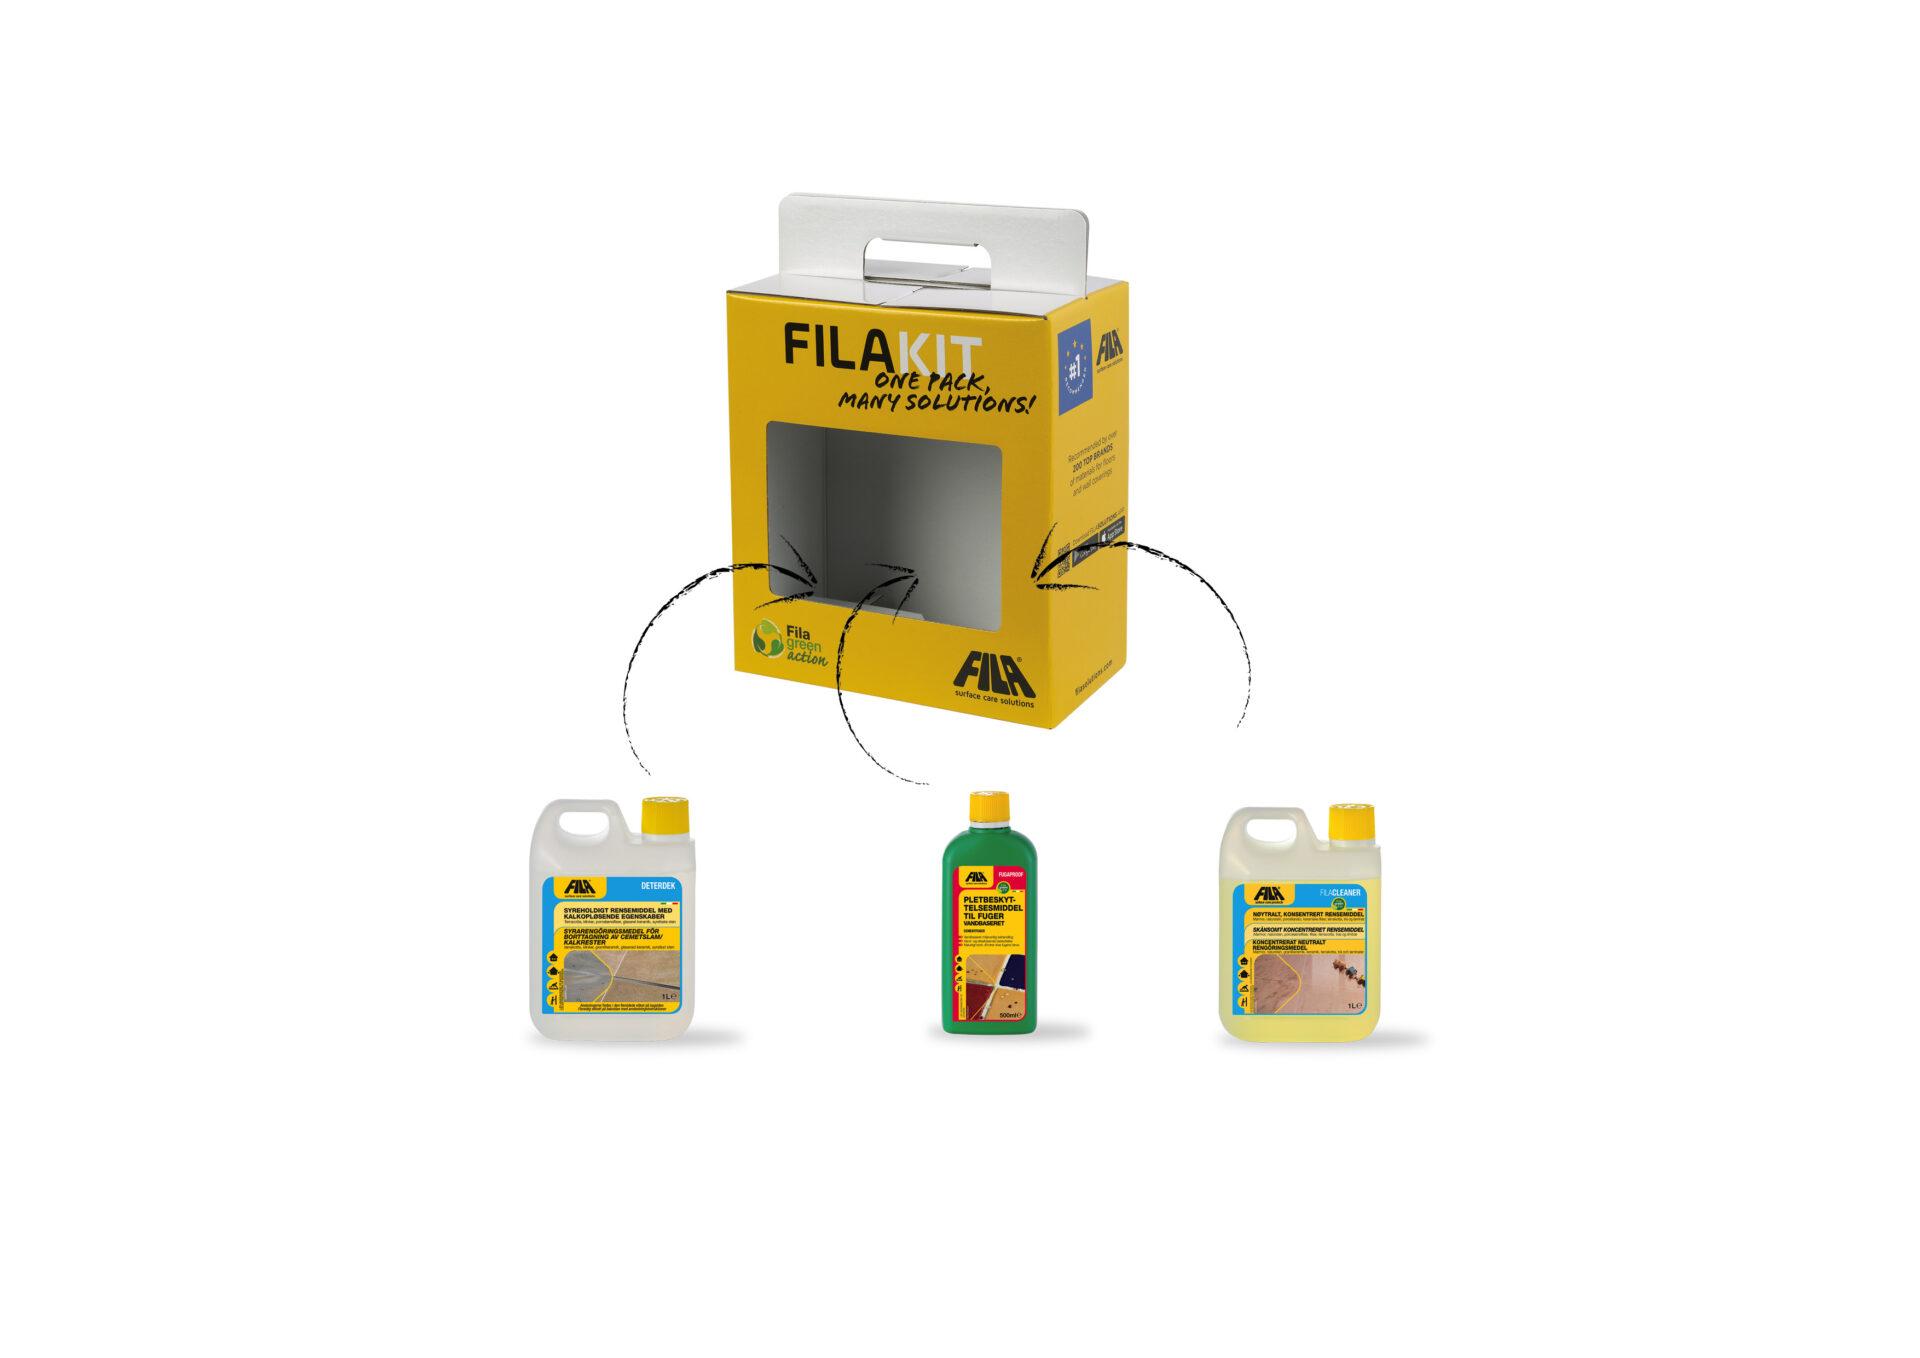 Tile Care Made Easy With New Fila Kit Tilezine